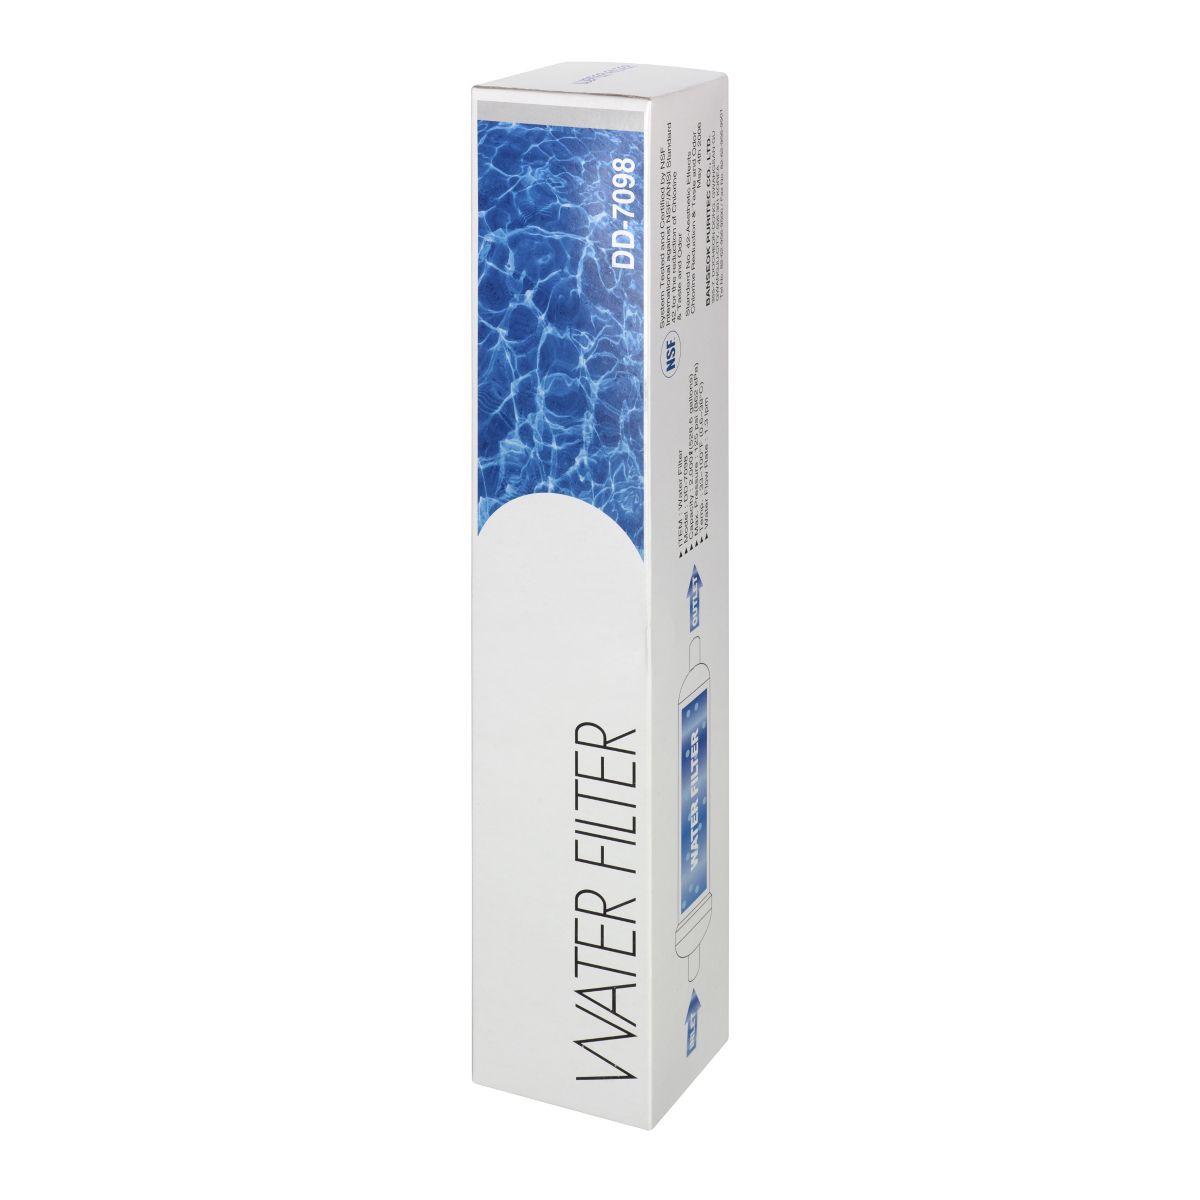 Filtre wpro filtre � eau pour deawoo - livraison offerte : code liv (photo)